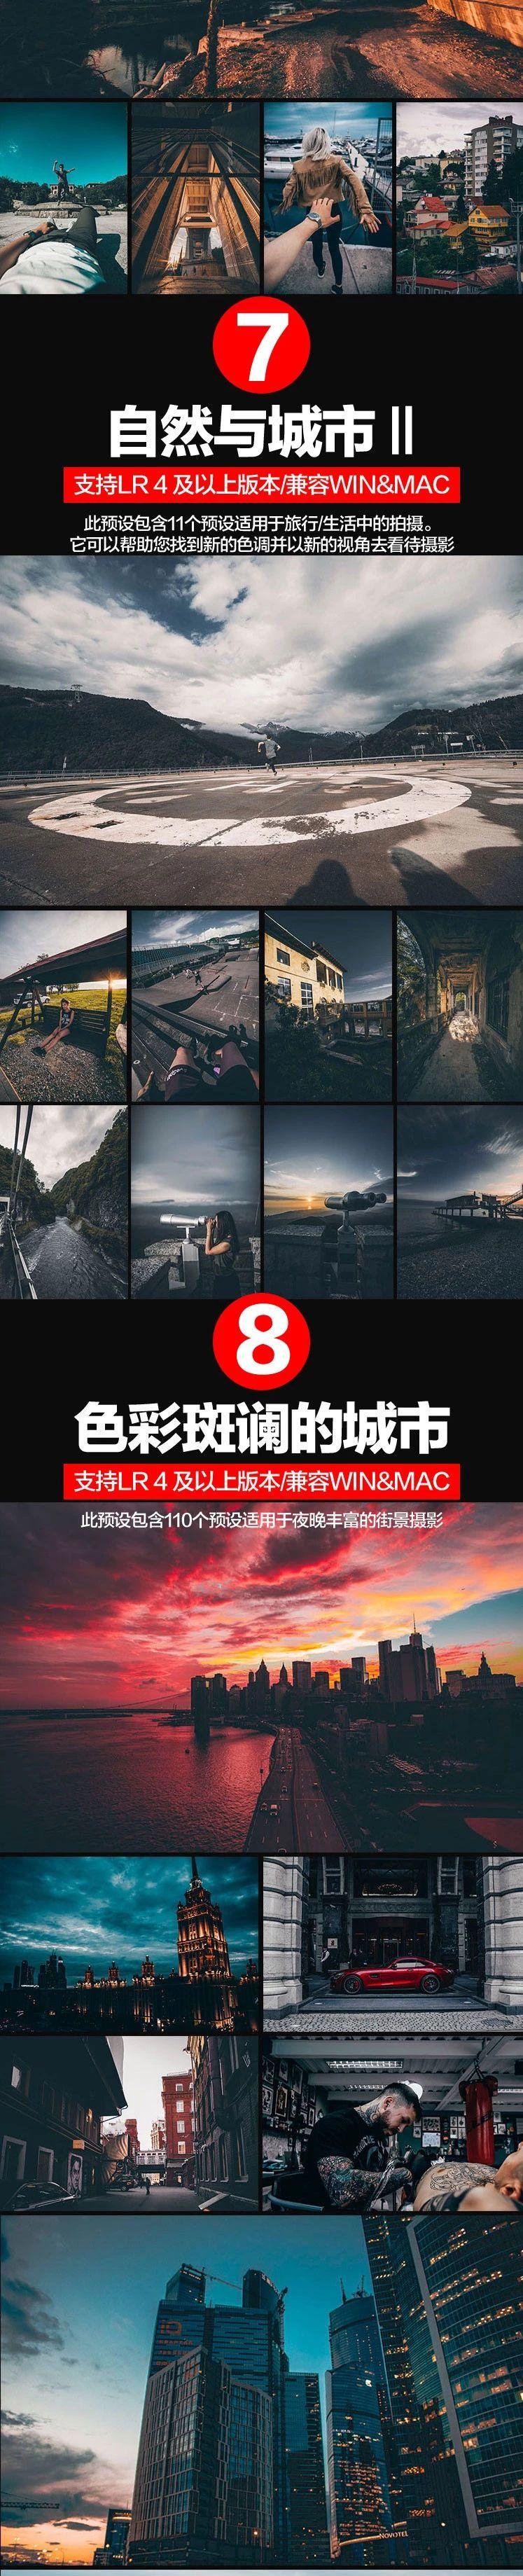 16套INS网红城市黑金胶片风格调色LR预设 轻松调出炫酷大片范插图(3)